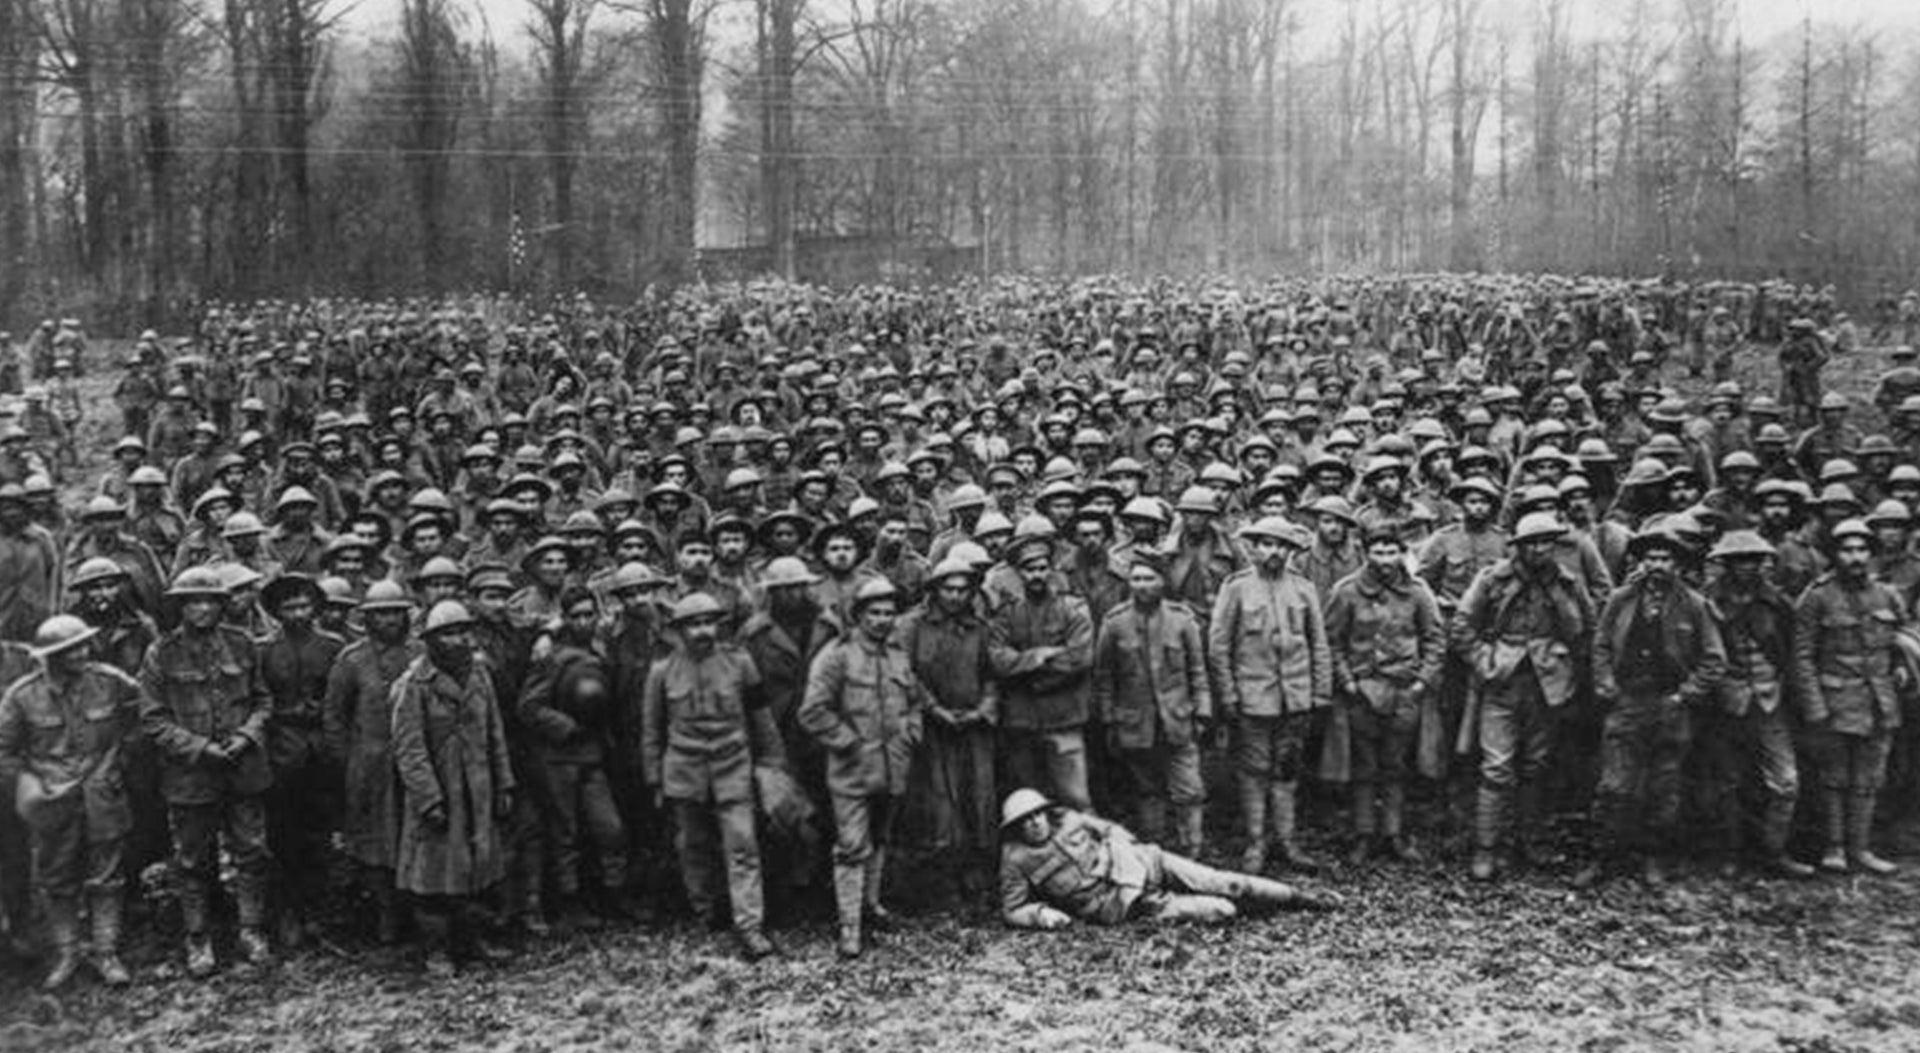 Arquivos Federais da Alemanha (Deutsches Bundesarchiv) 1918